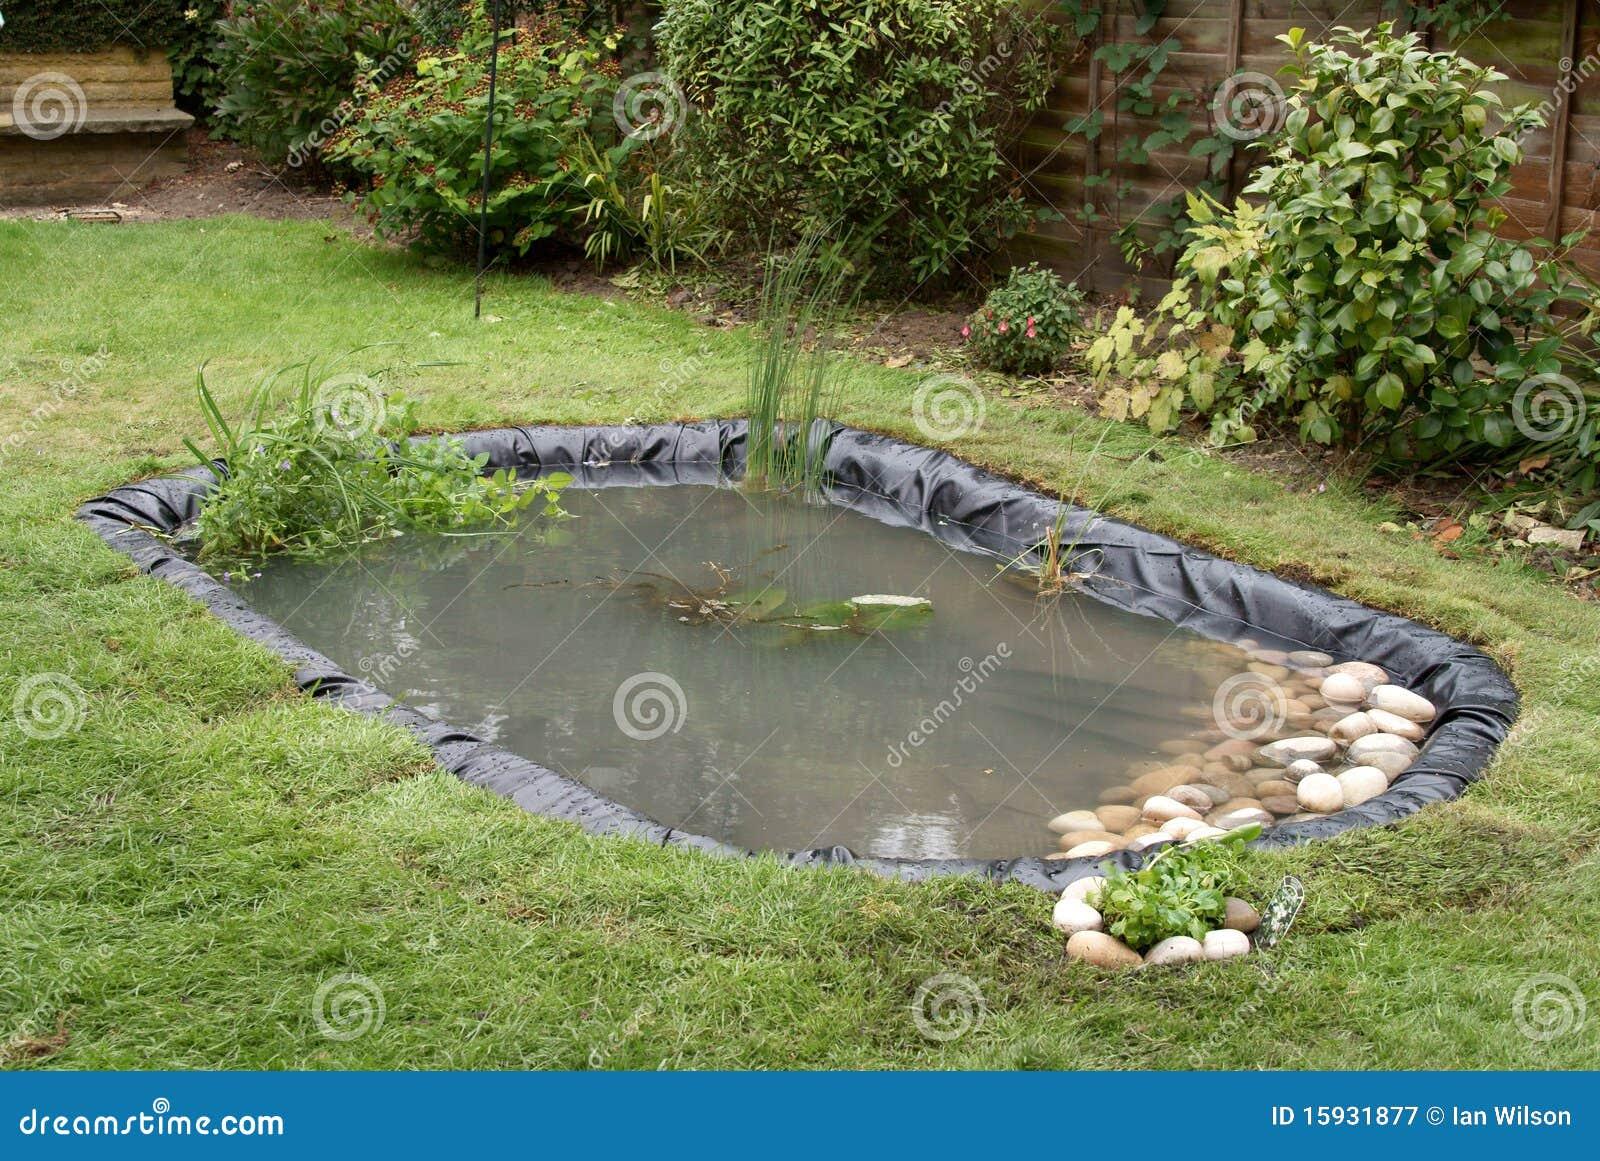 Het maken van een vijver van de tuin stock afbeelding for Een vijver